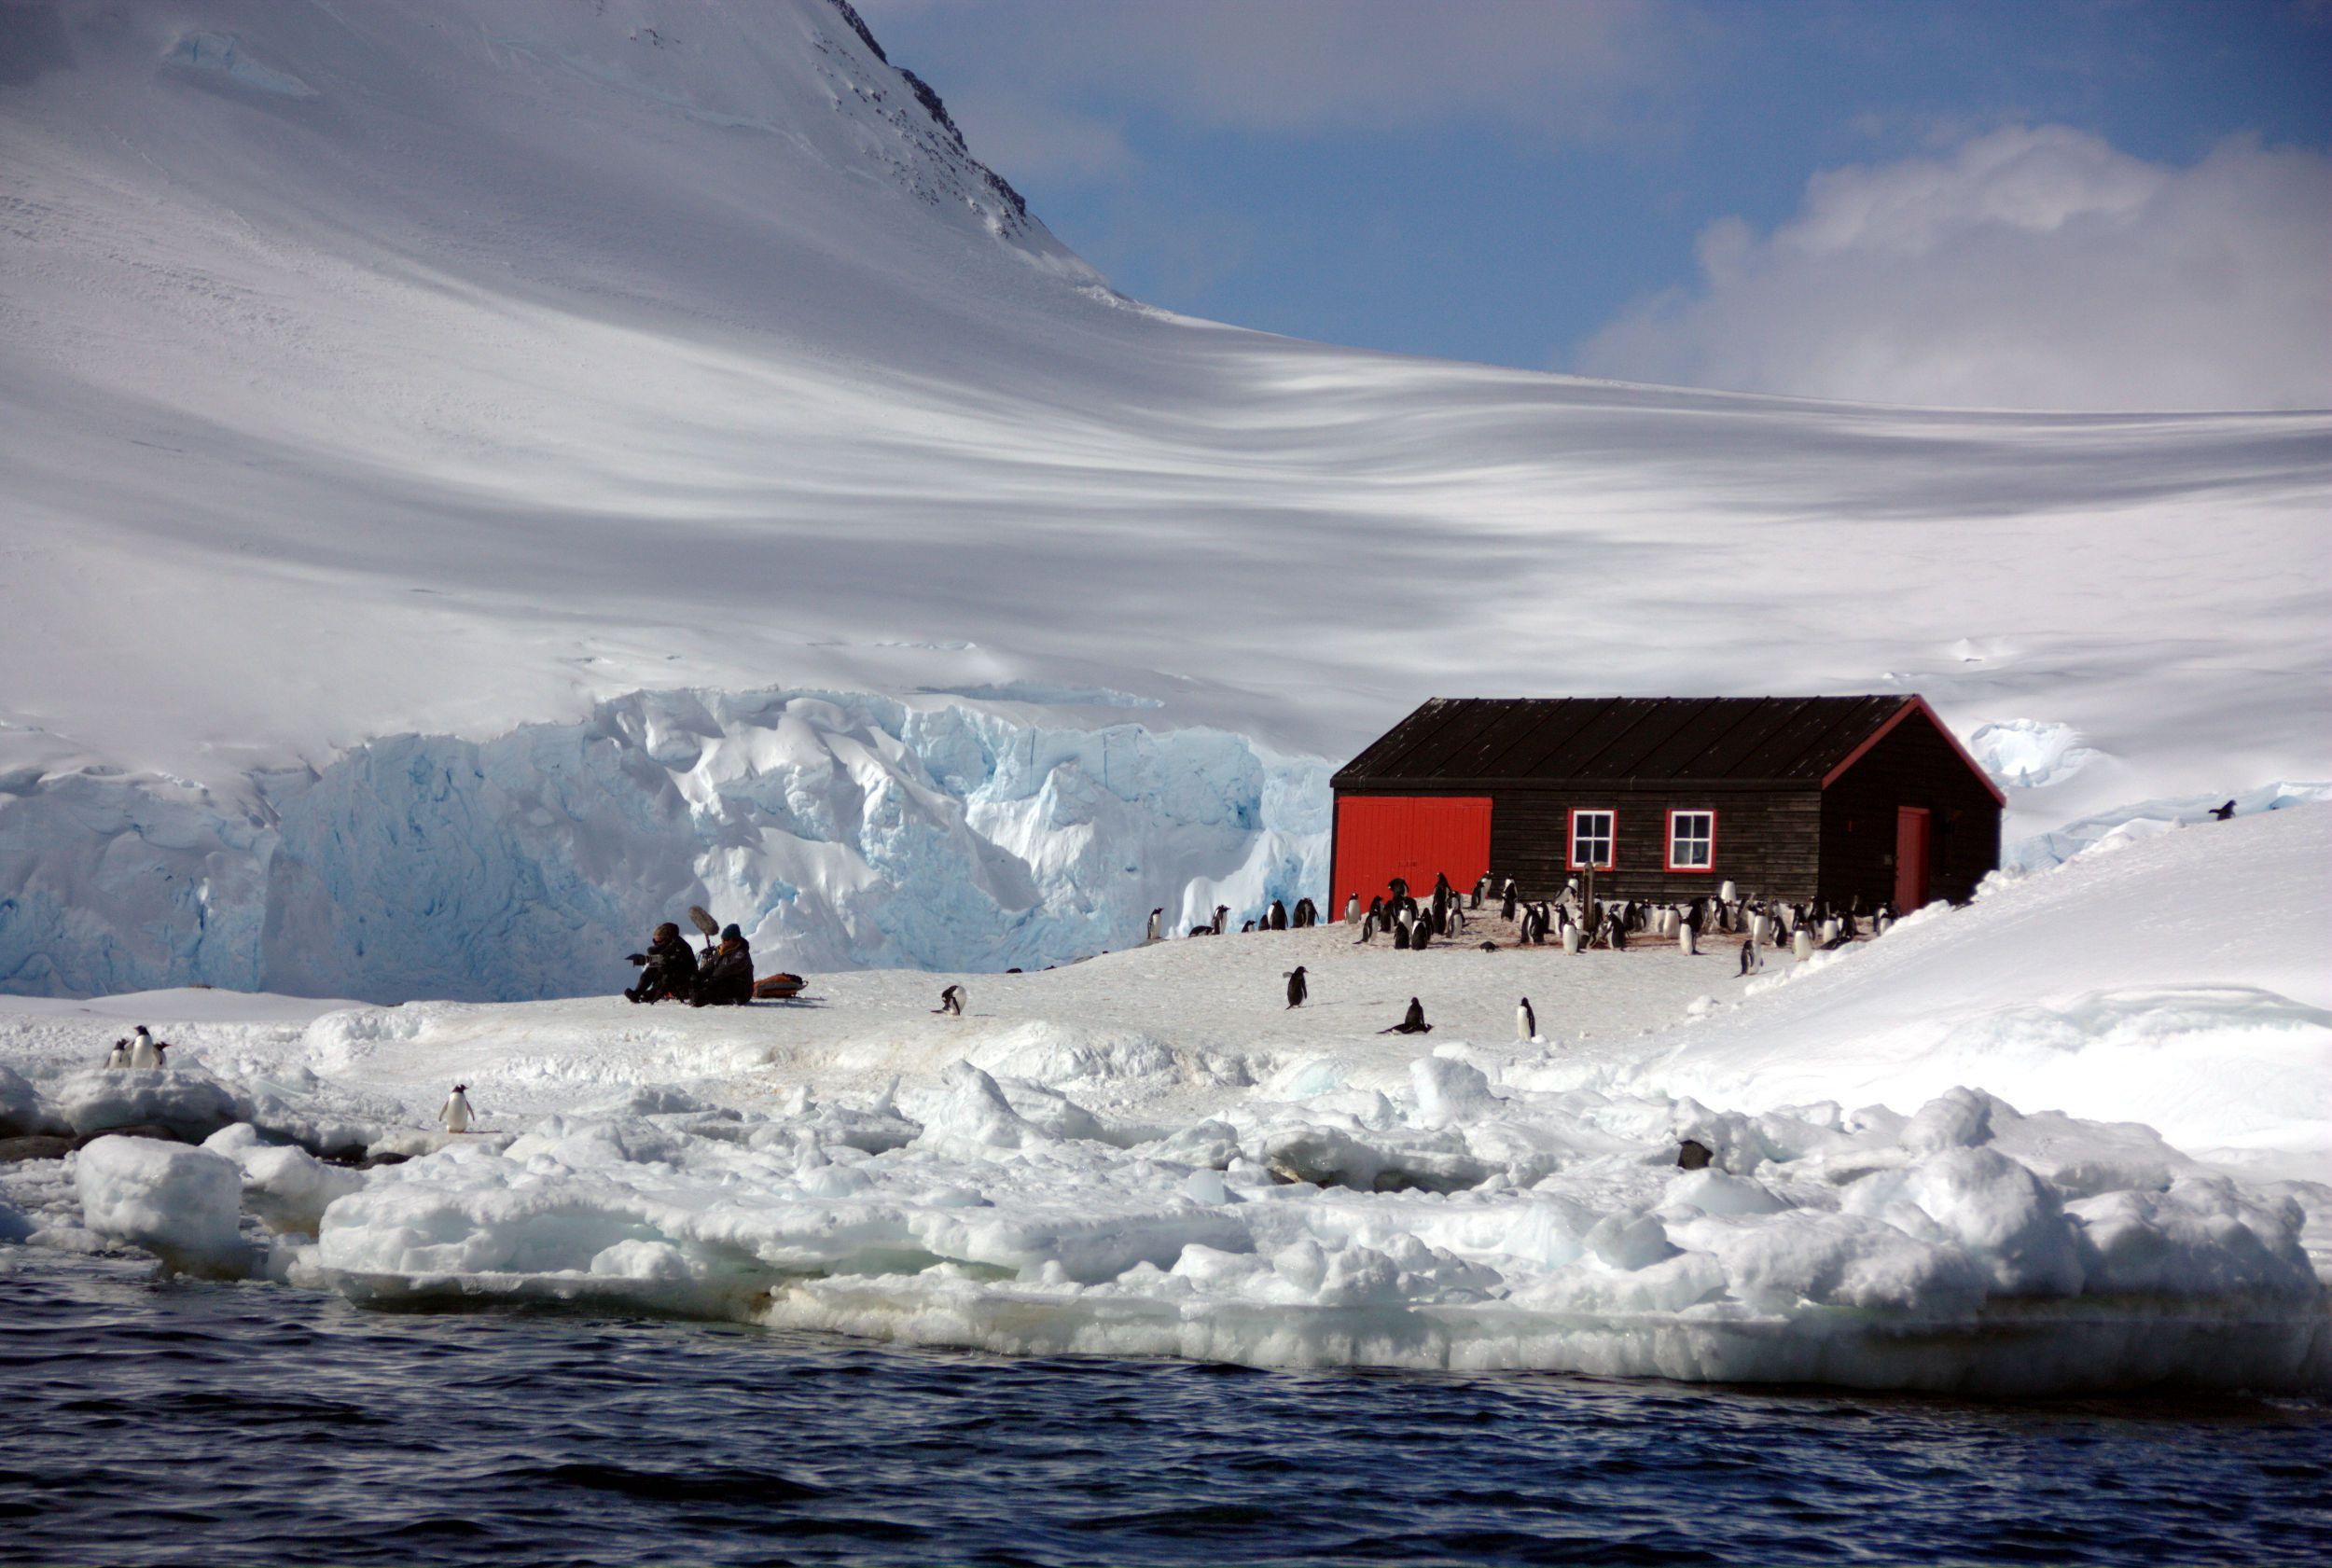 Vinte e sete cientistas reúnem-se em Coimbra para debater o efeito das alterações climáticas na vida da Antártida